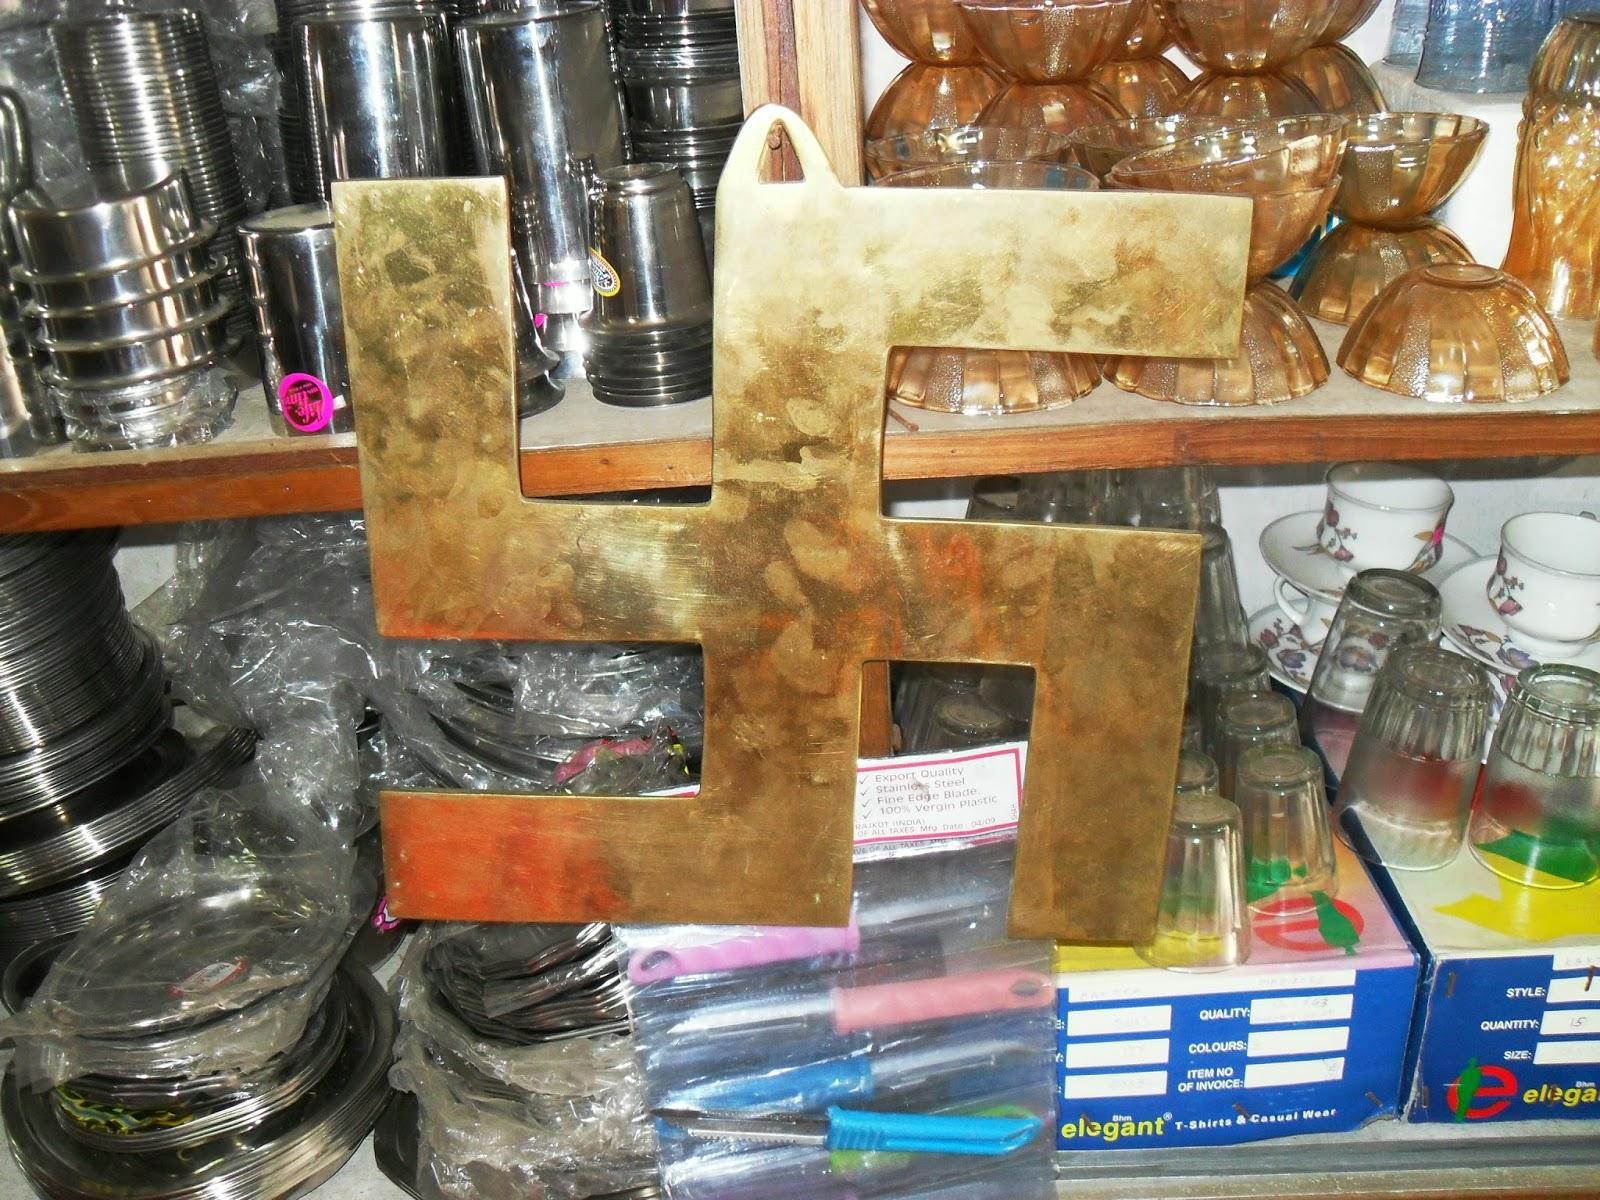 символ свастики продается в магазинах как элемент декора